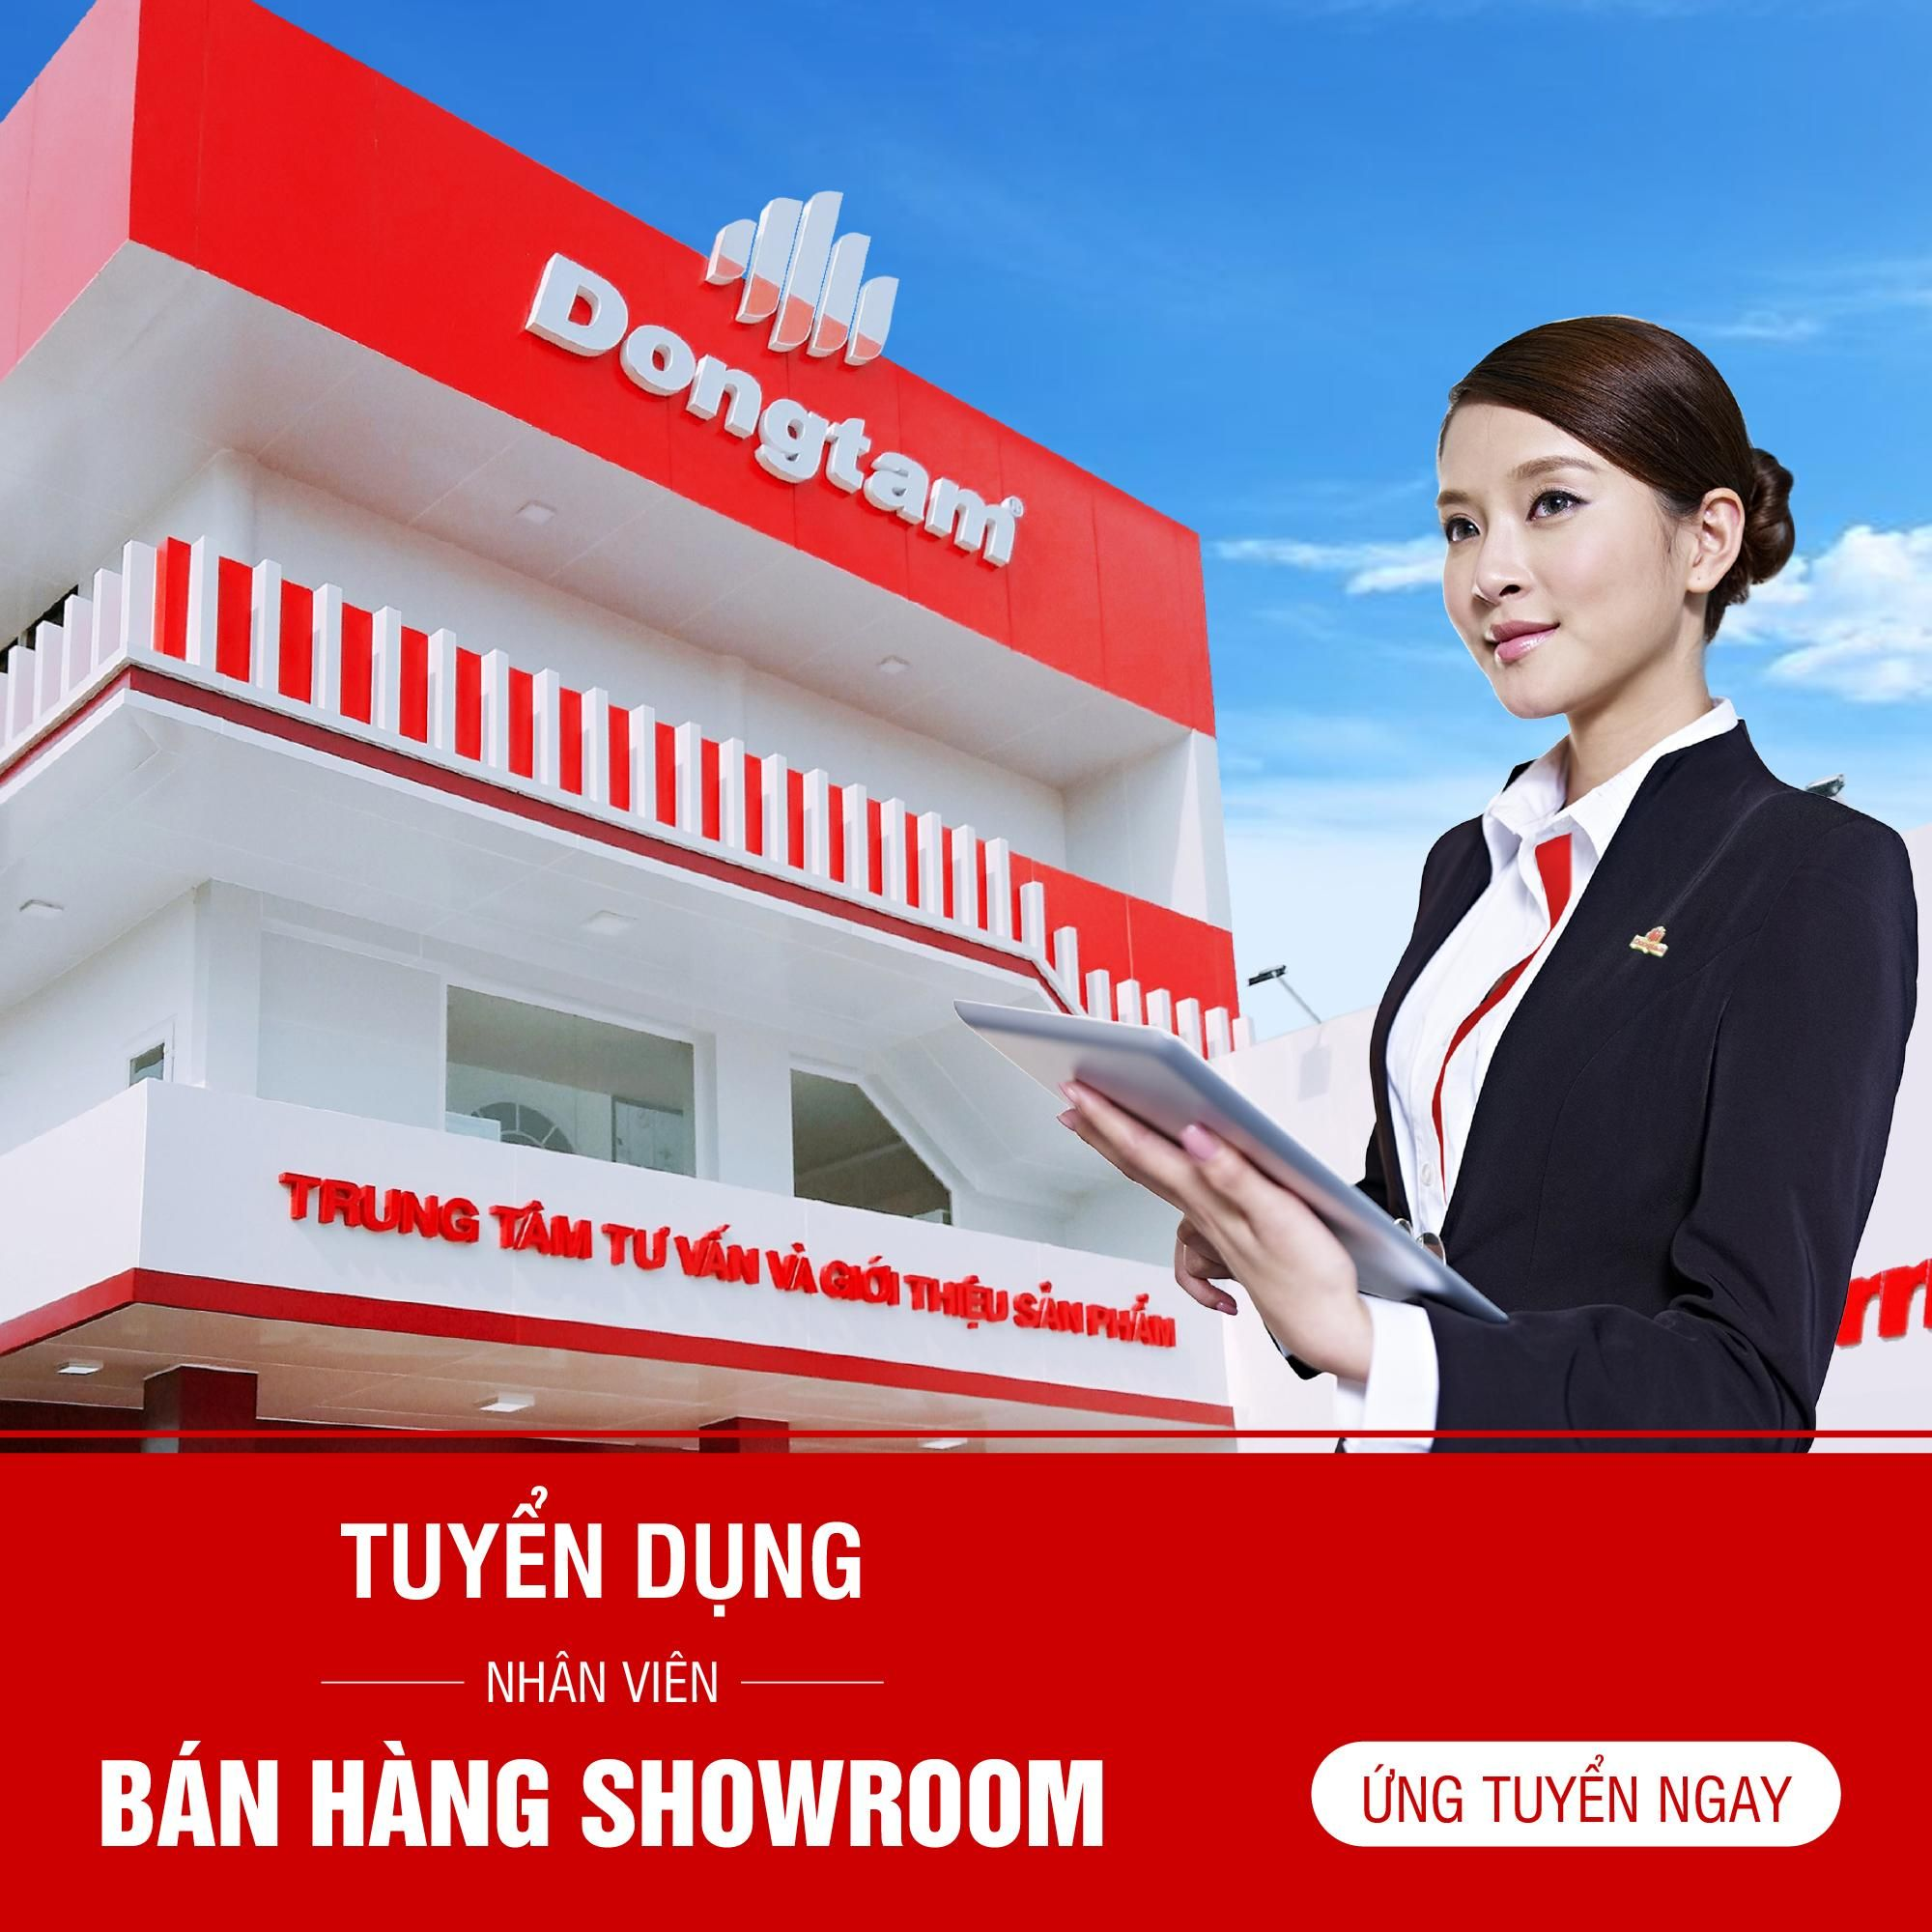 NHÂN VIÊN BÁN HÀNG SHOWROOM _ CN HCM